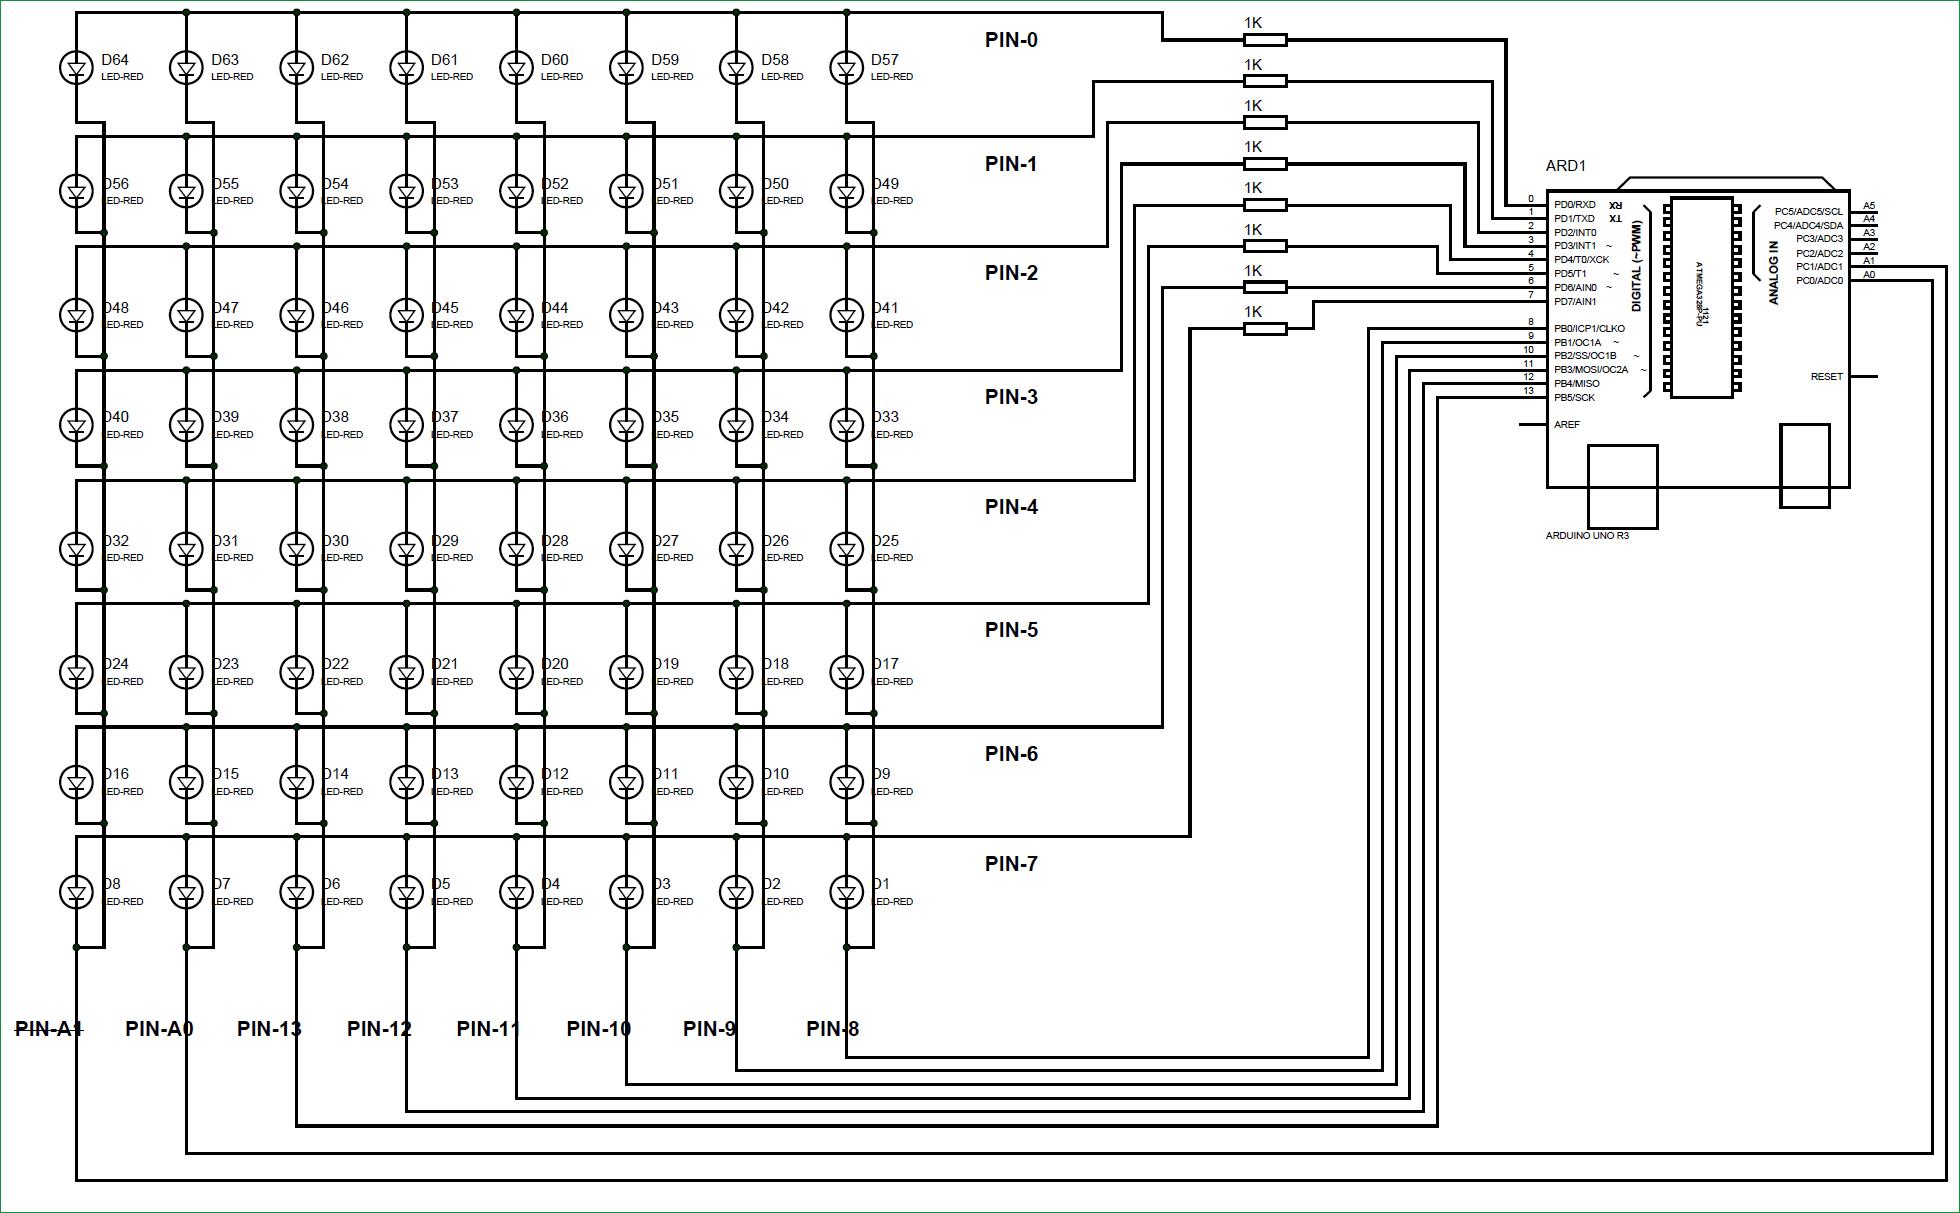 Схема устройства для скроллинга текста на светодиодной матрице 8х8 под управлением Arduino